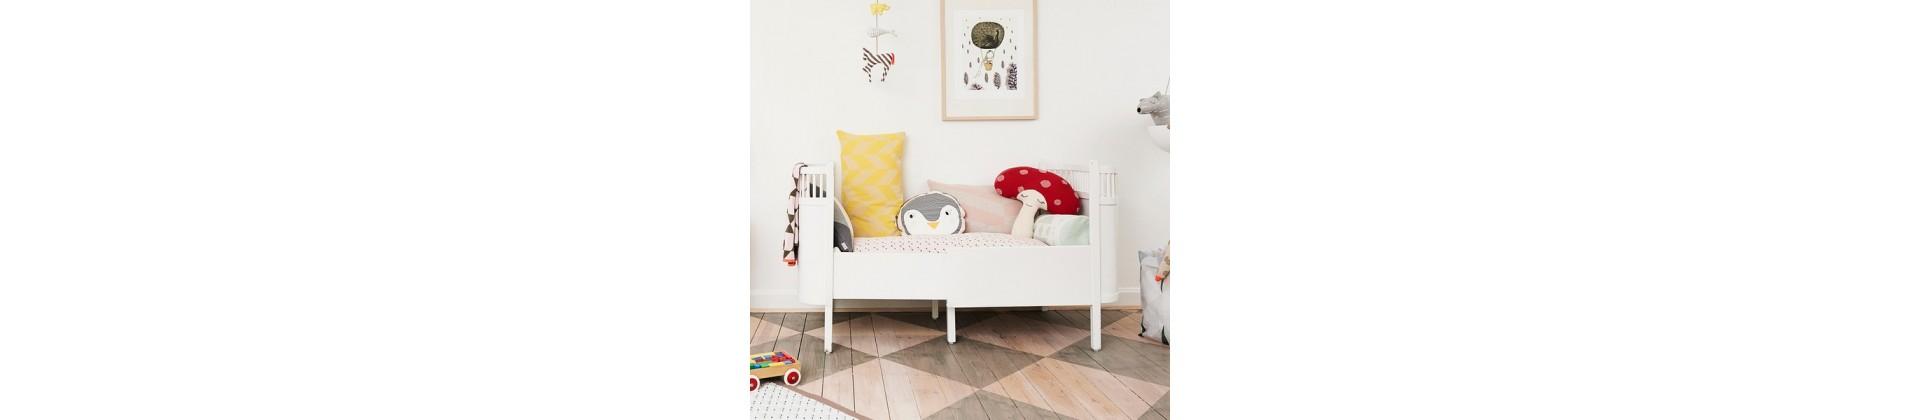 Décoration chambre bébé : notre best-seller déco bébé en 2020